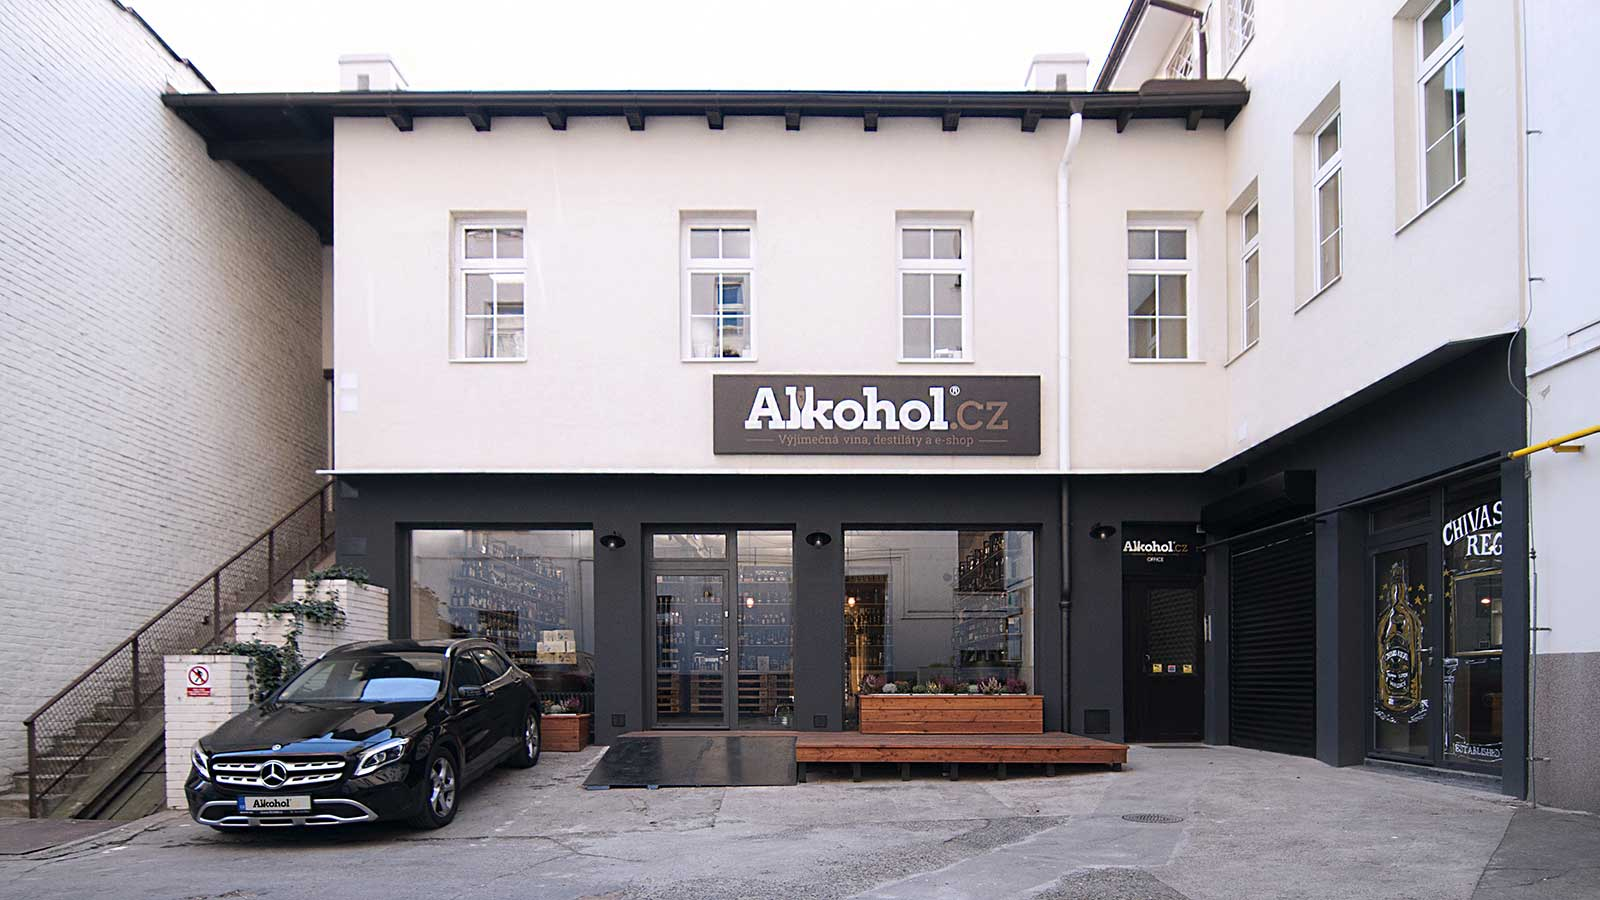 Prodejna Alkohol.cz - exteriér - finalní podoba rekonsturkce. Autor: Kurz architekti